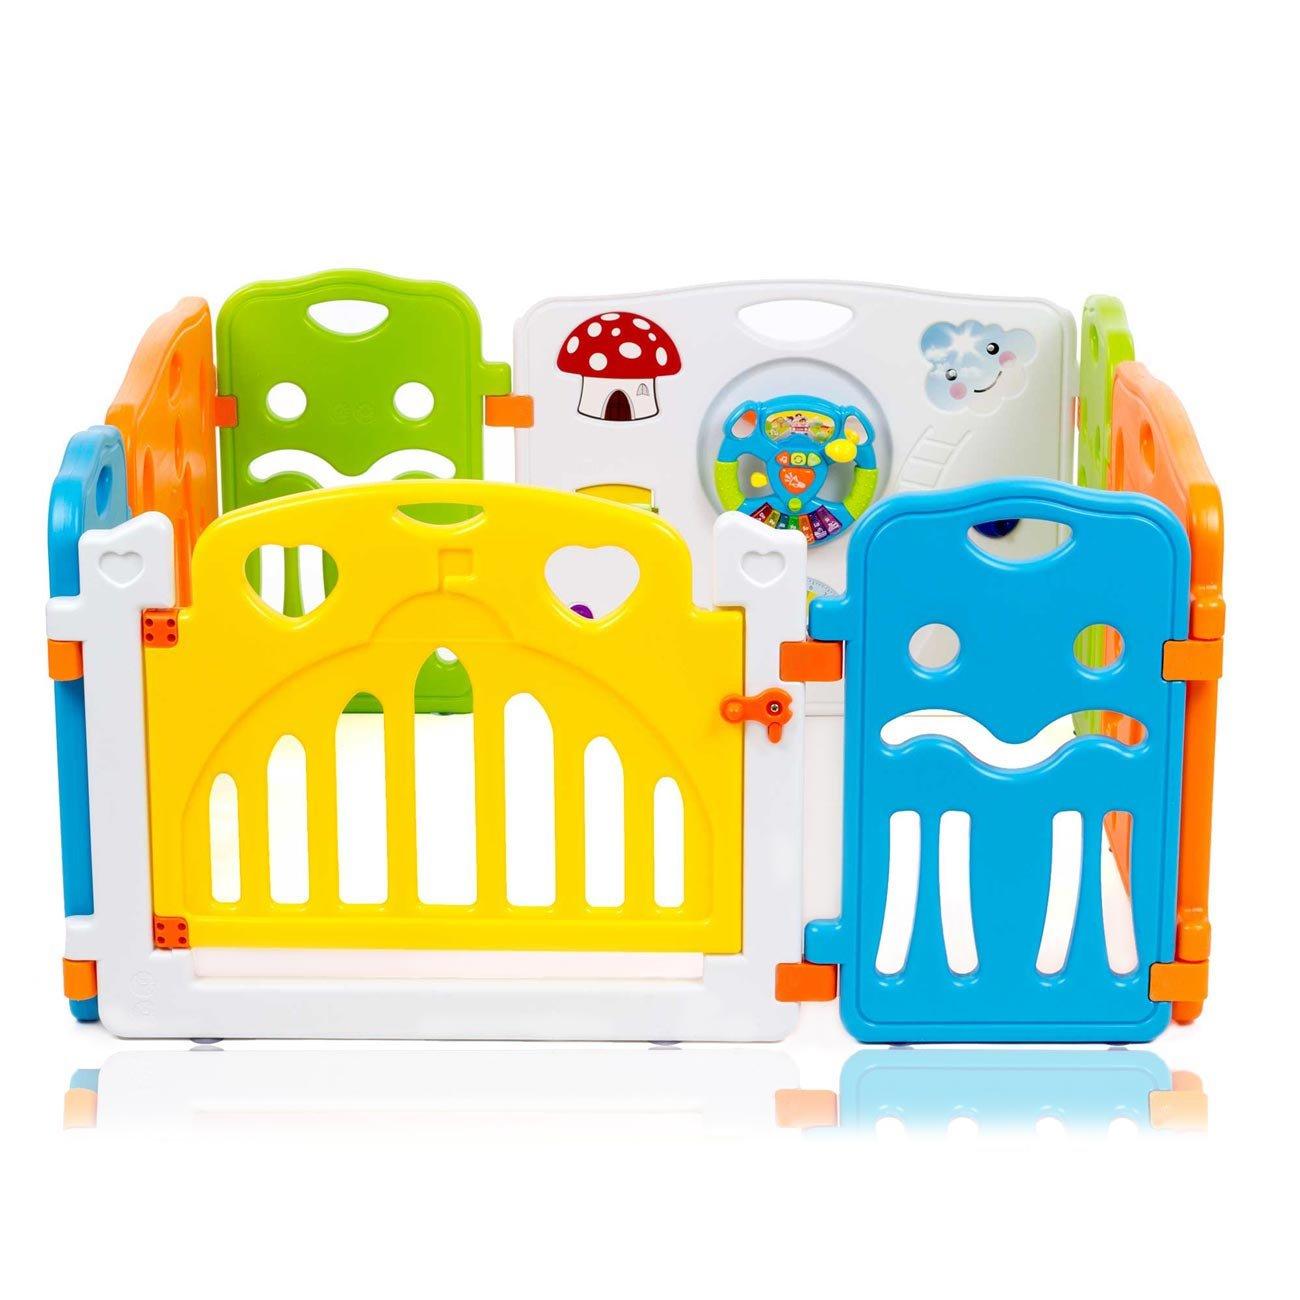 Baby Vivo Parque corralito plegable puerta robusto plastico bebe barrera de seguridad jugar Colors de Plástico - Paquete principal